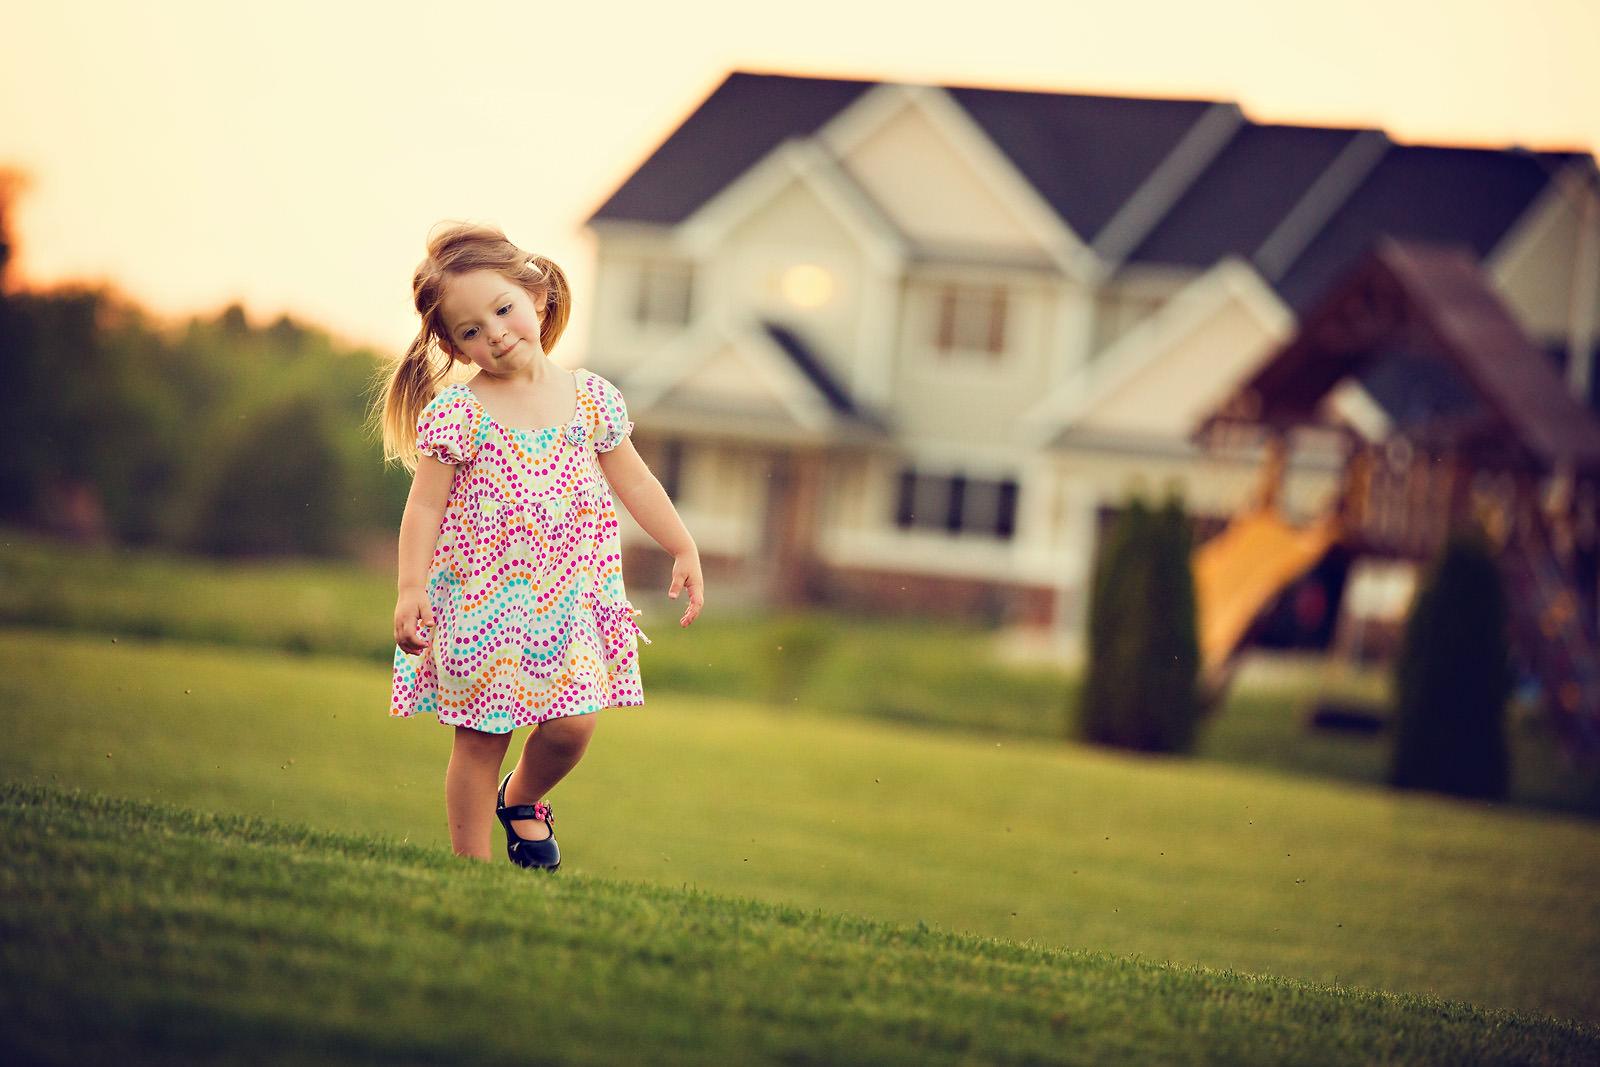 toddler-girl-walking-around-backyard-grass-sunset